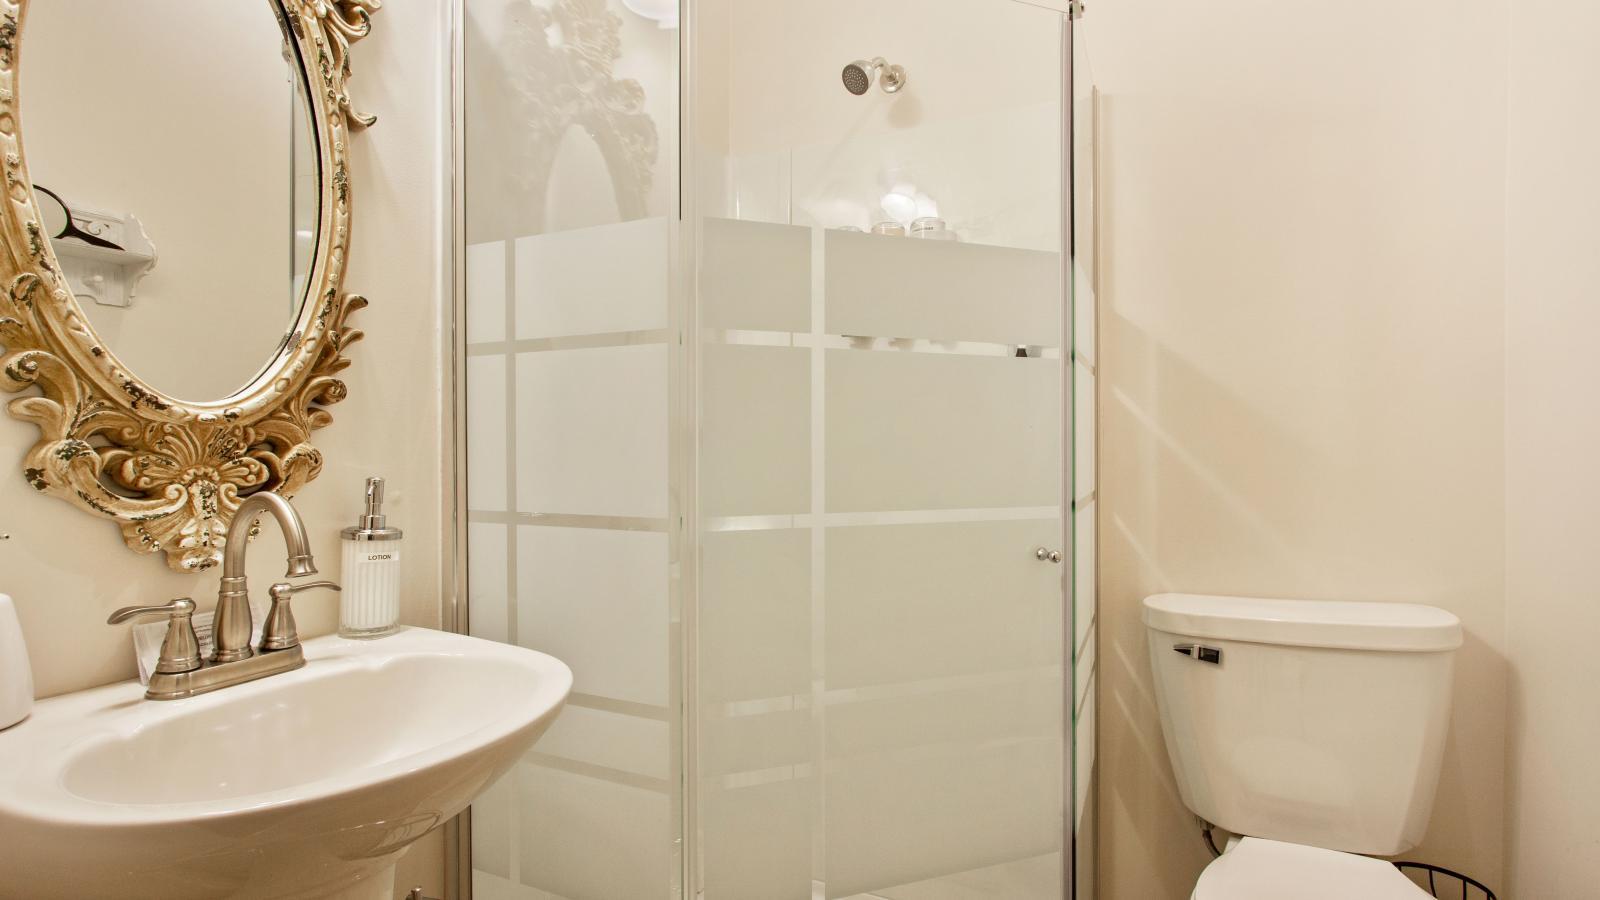 In-suite private bathroom